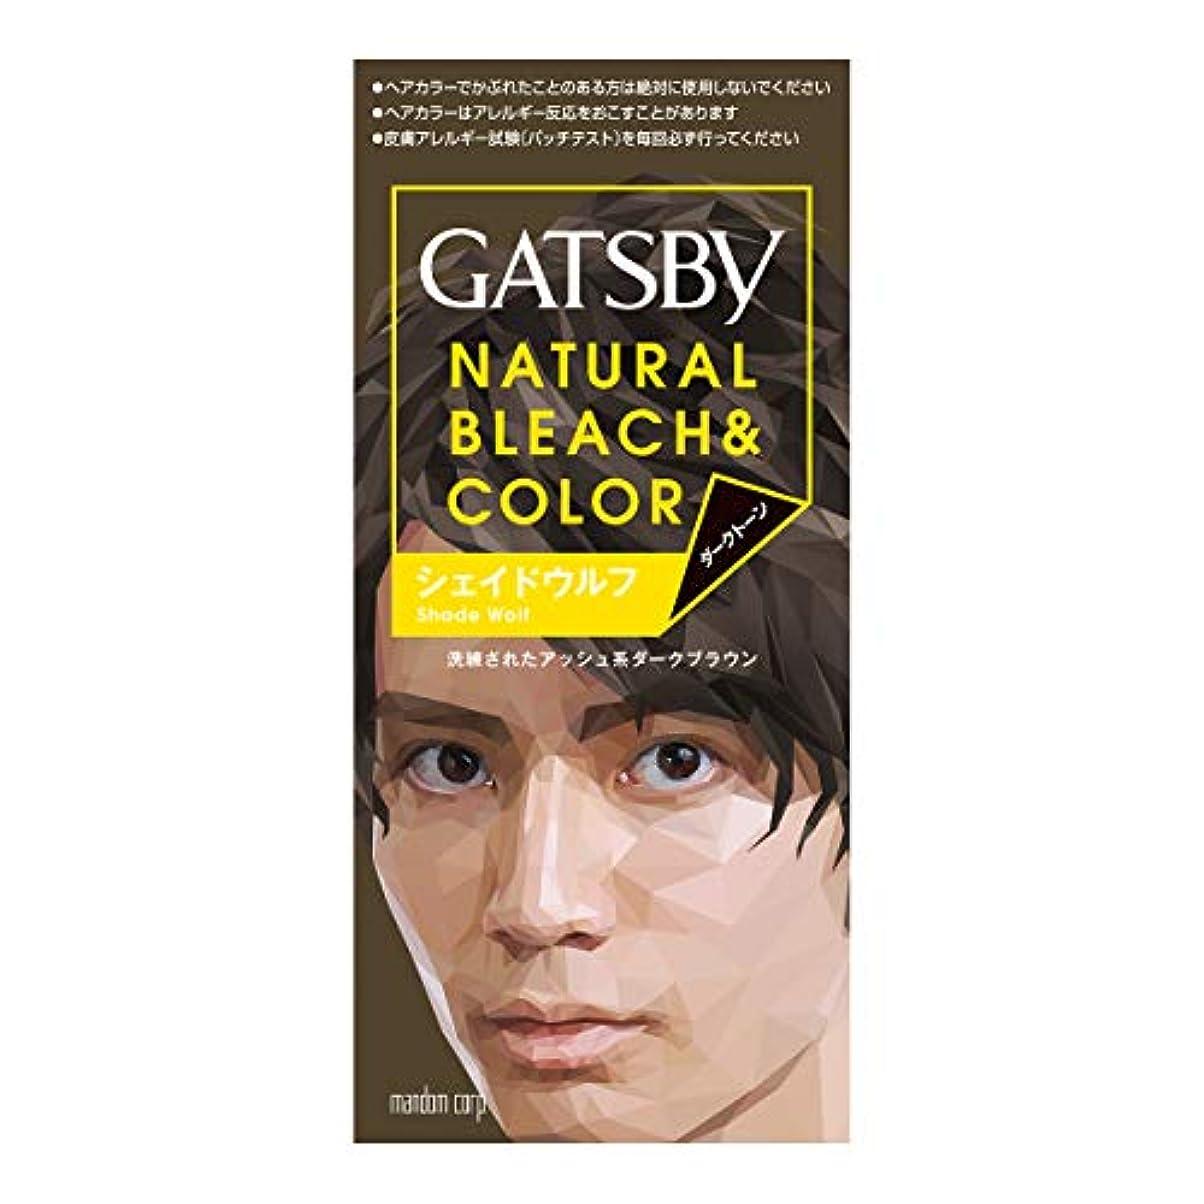 前に破壊する説明GATSBY(ギャツビー) ナチュラルブリーチカラー シェイドウルフ 1剤35g 2剤70mL (医薬部外品)